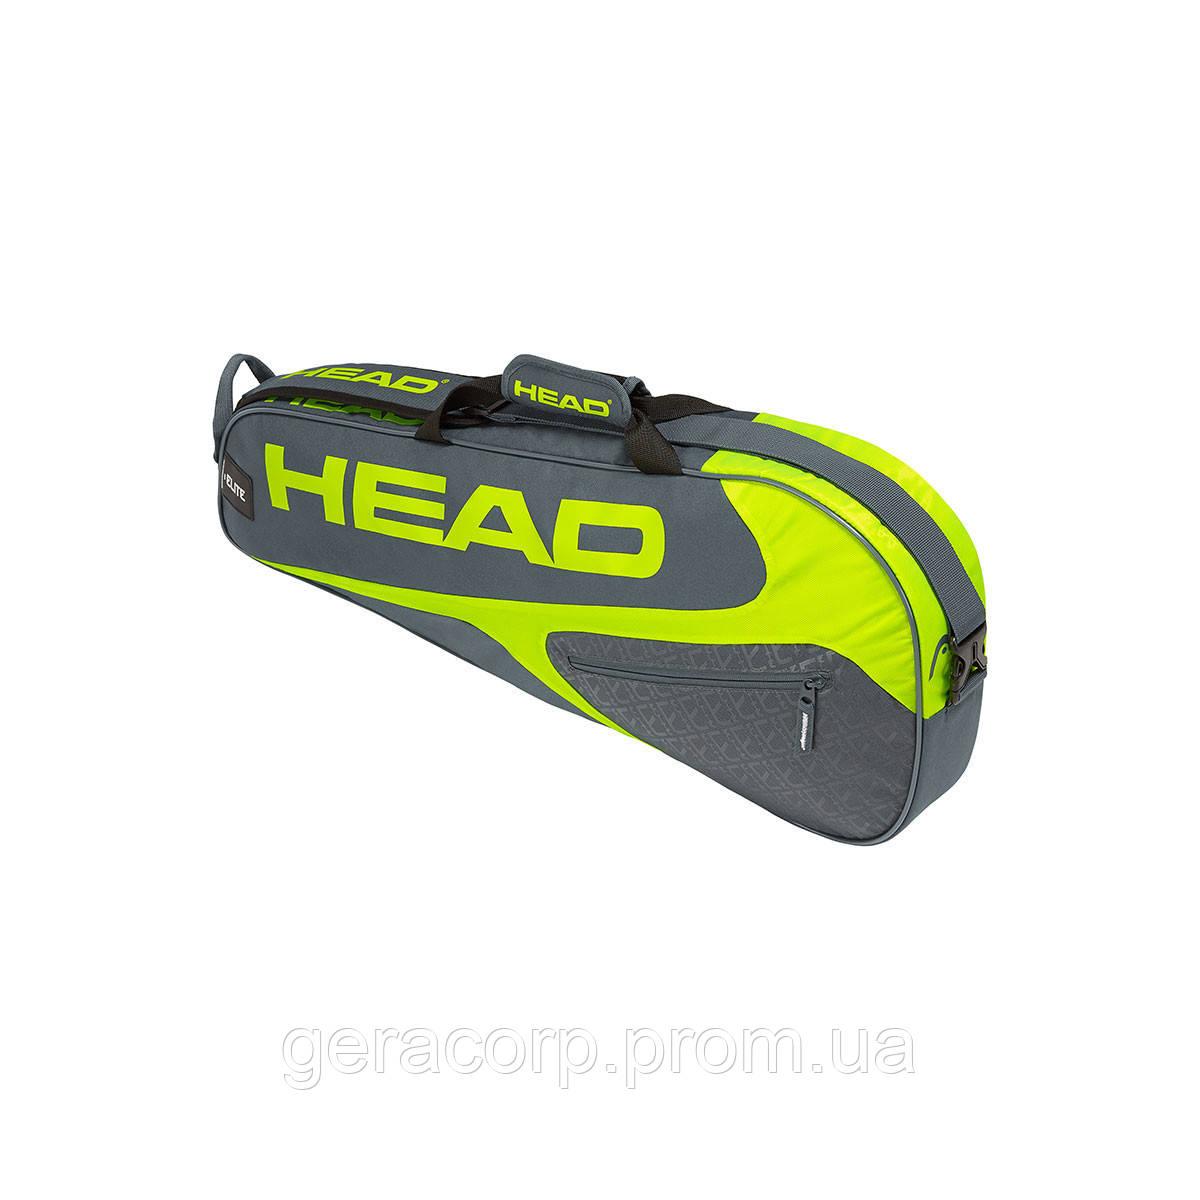 Чехол Head Elite 3R pro grey/neon yellow